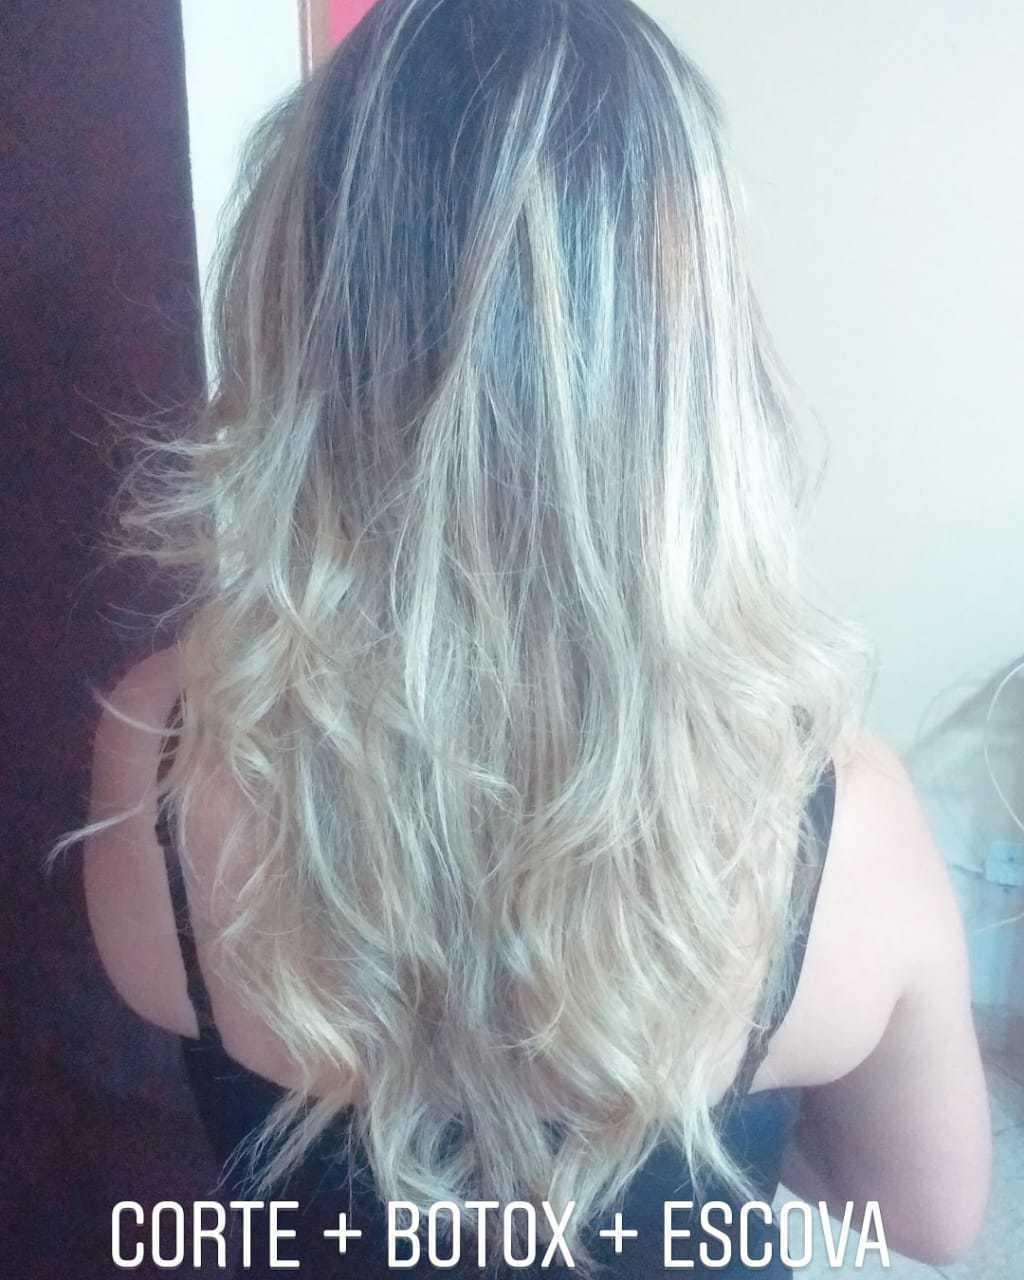 #hair #cabelo #loira #corte #morena #ombrehair  cabelo auxiliar cabeleireiro(a) maquiador(a) cabeleireiro(a)